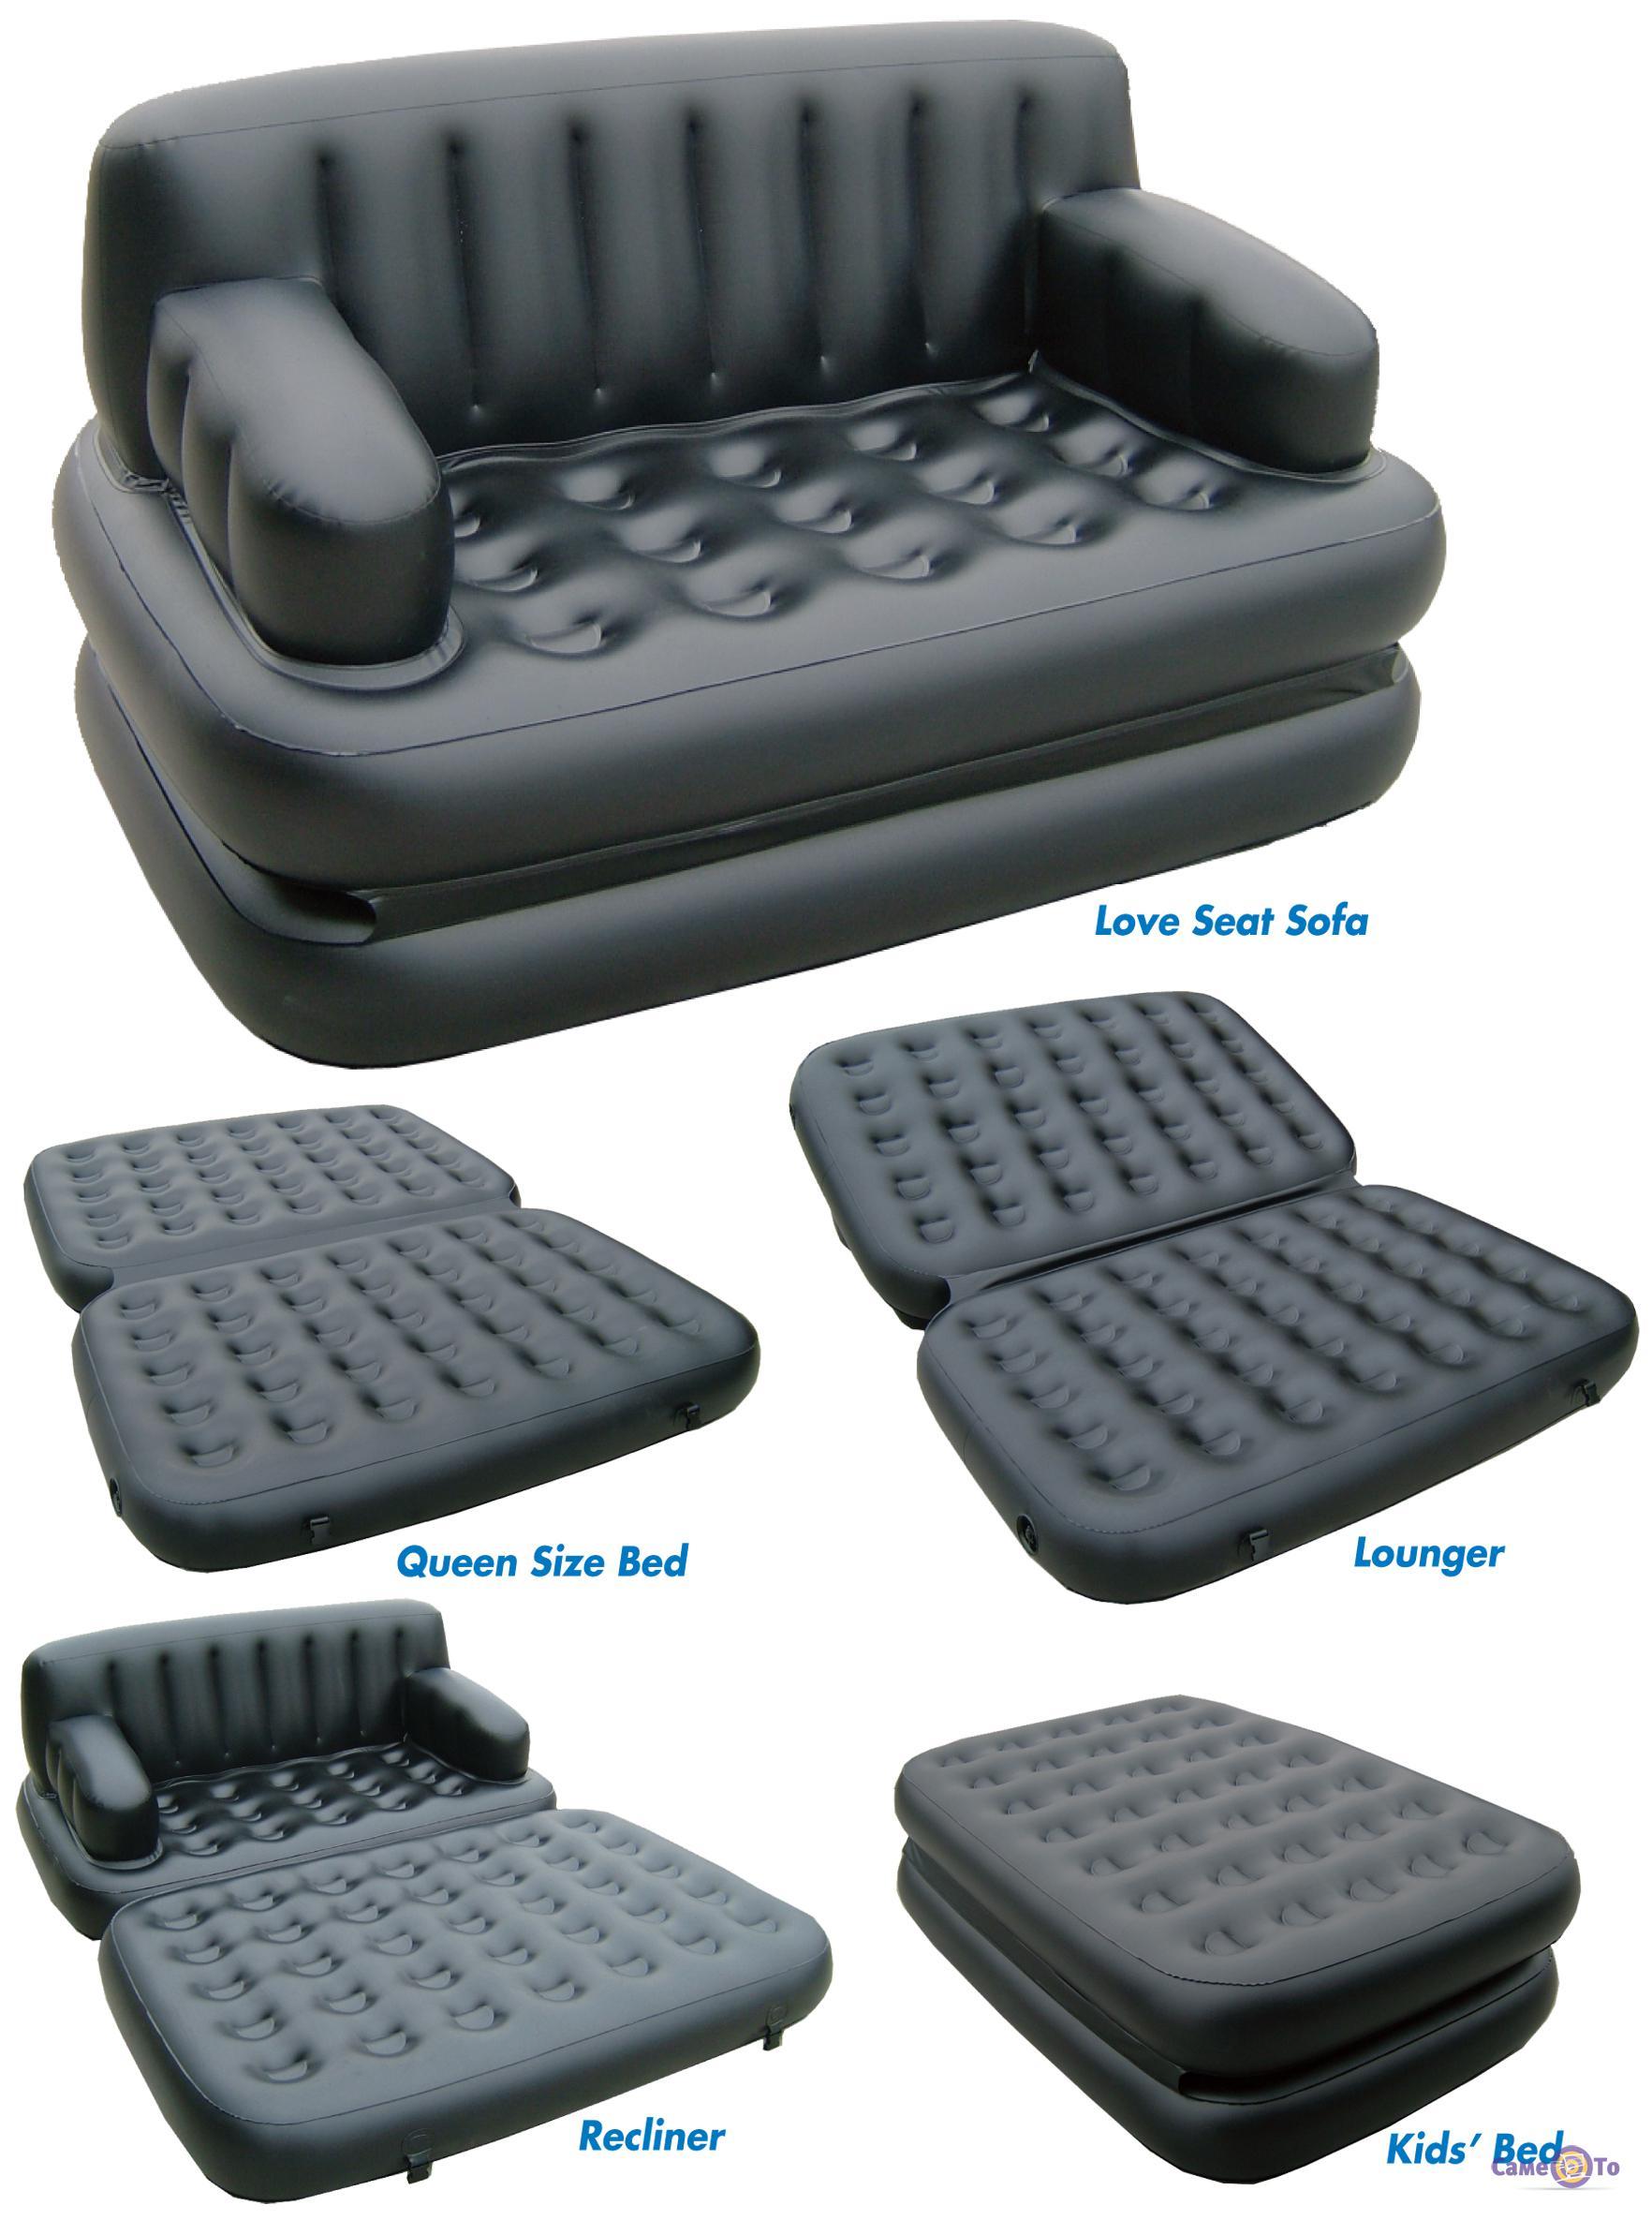 надувной диван 5 в 1 Sofa Bed софа бед цена отзывы купить в